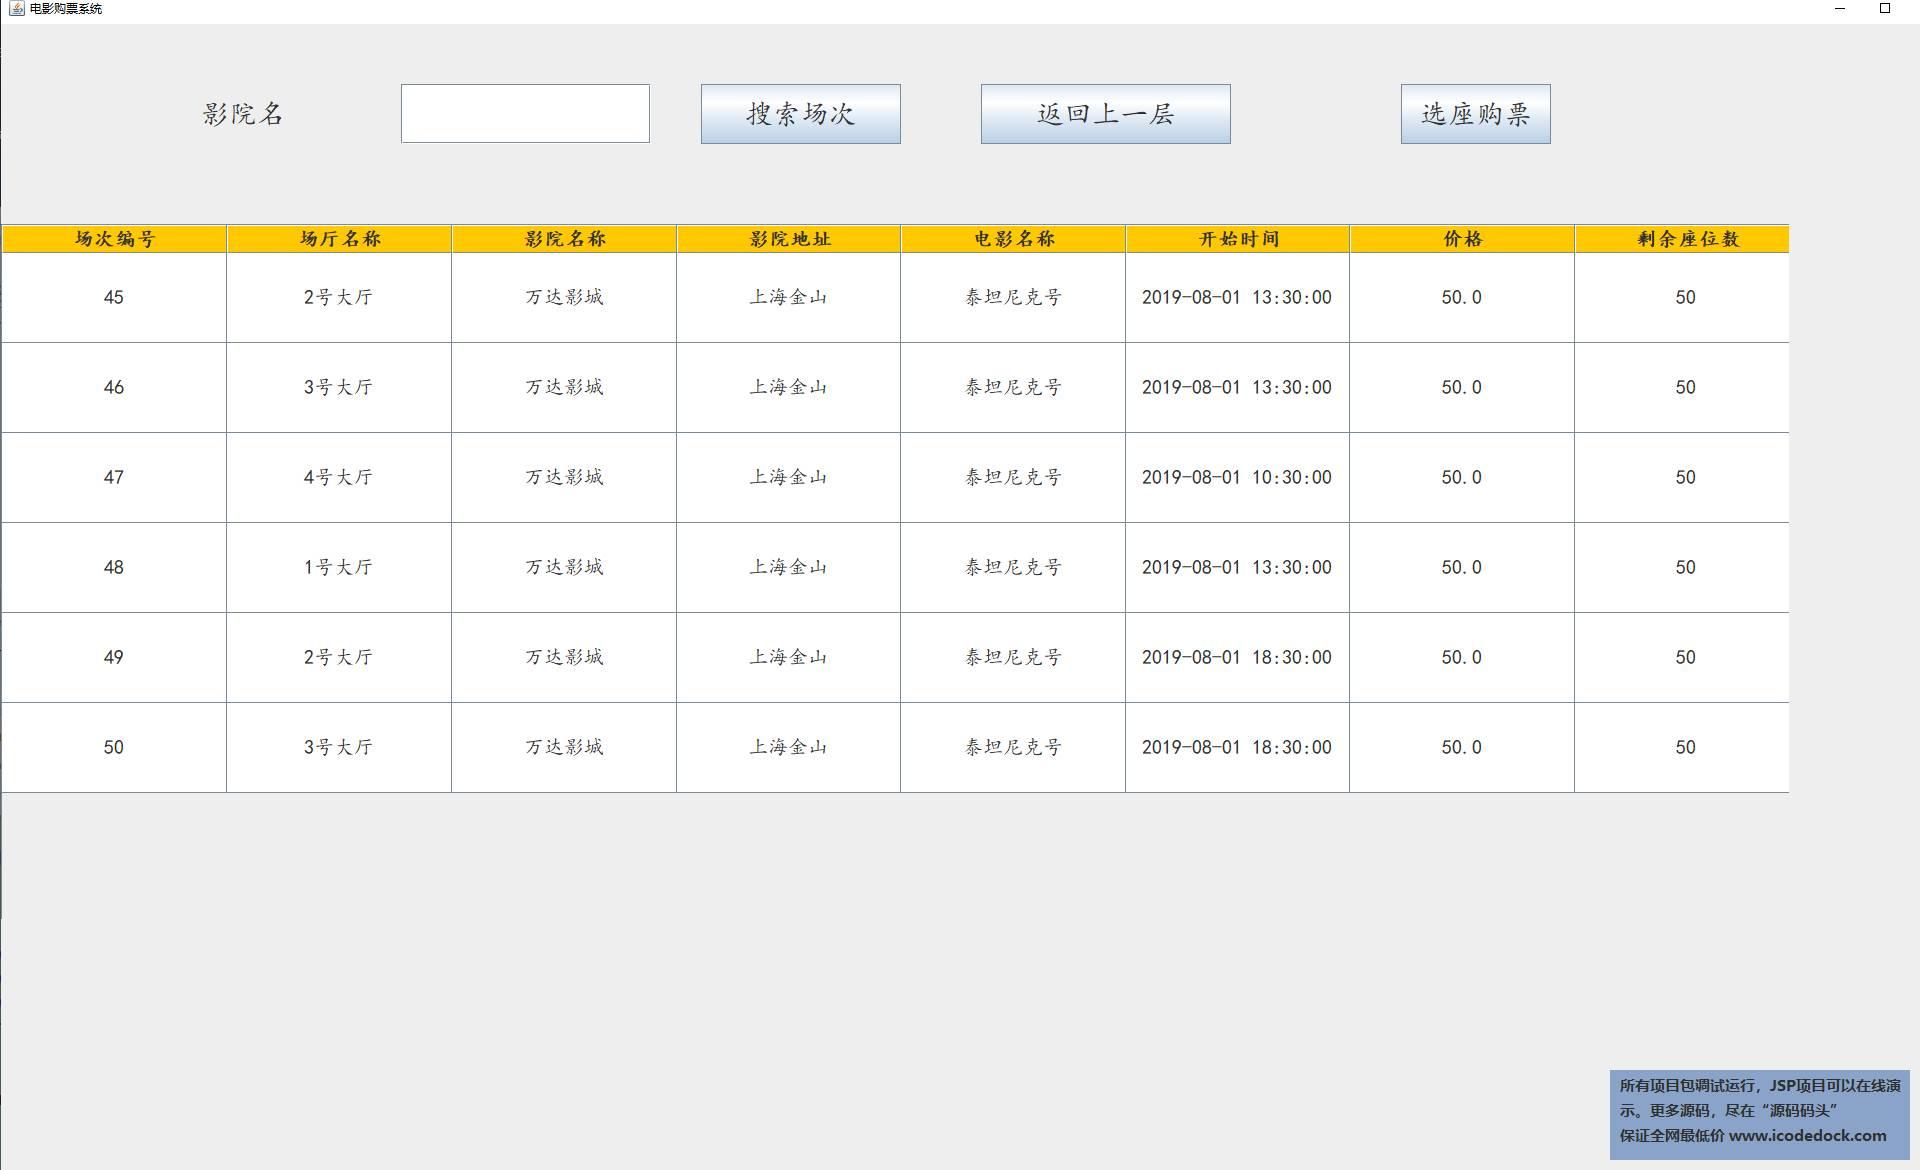 源码码头-电影院售票管理系统-用户角色-搜索电影票